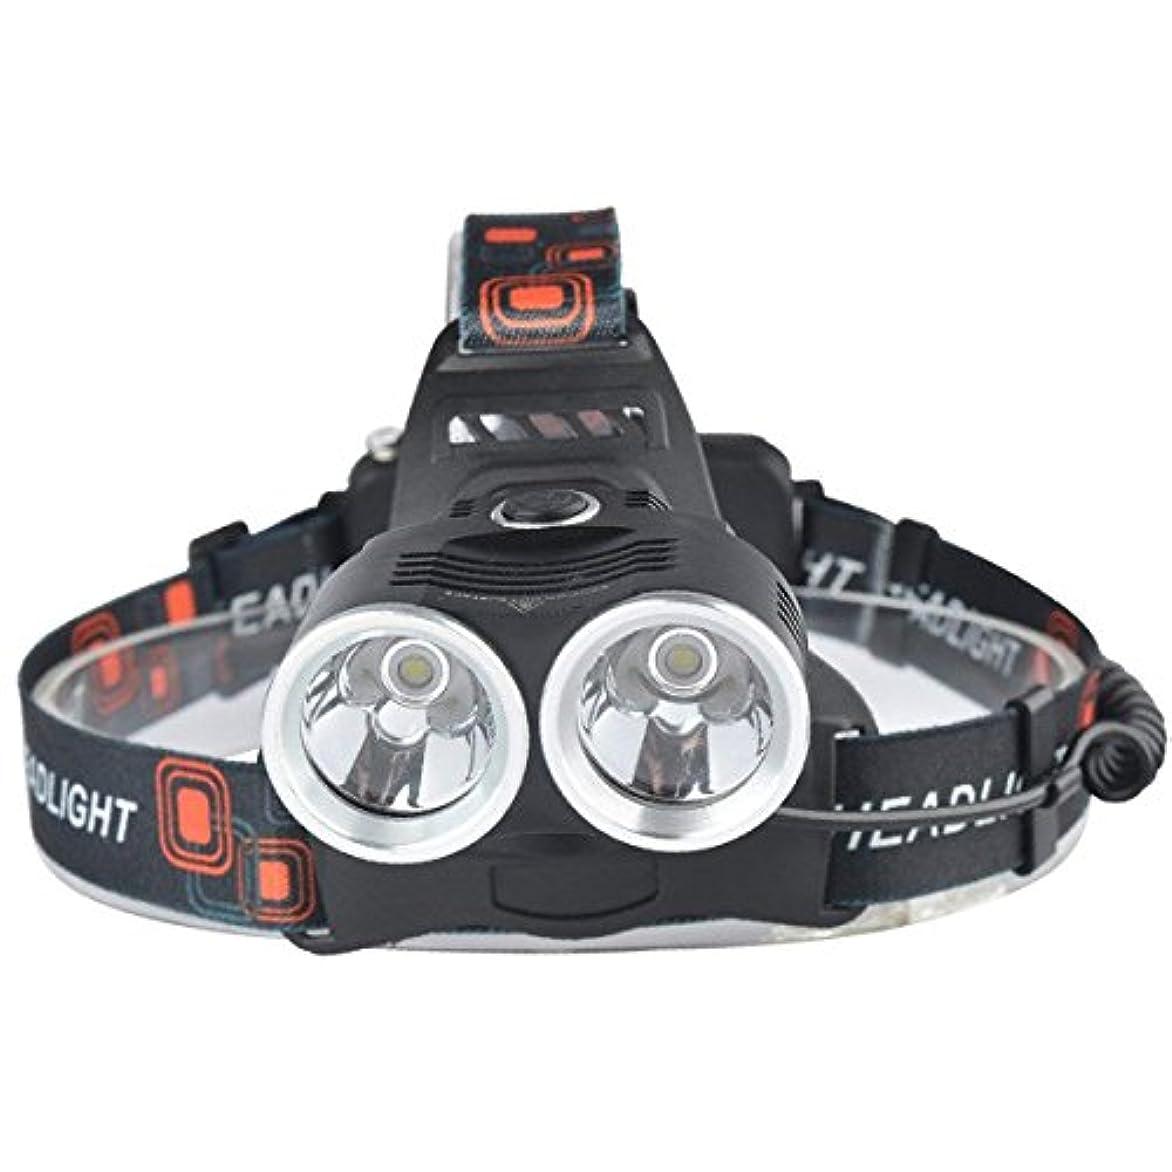 第四ホイップ致命的なNanle LEDアルミ合金ヘッドランプ2 xクリーXM-T6トーチヘッドライト1000ルーメン3モードスーパーT6キャンプバイク用(充電器+車の充電器を含む)